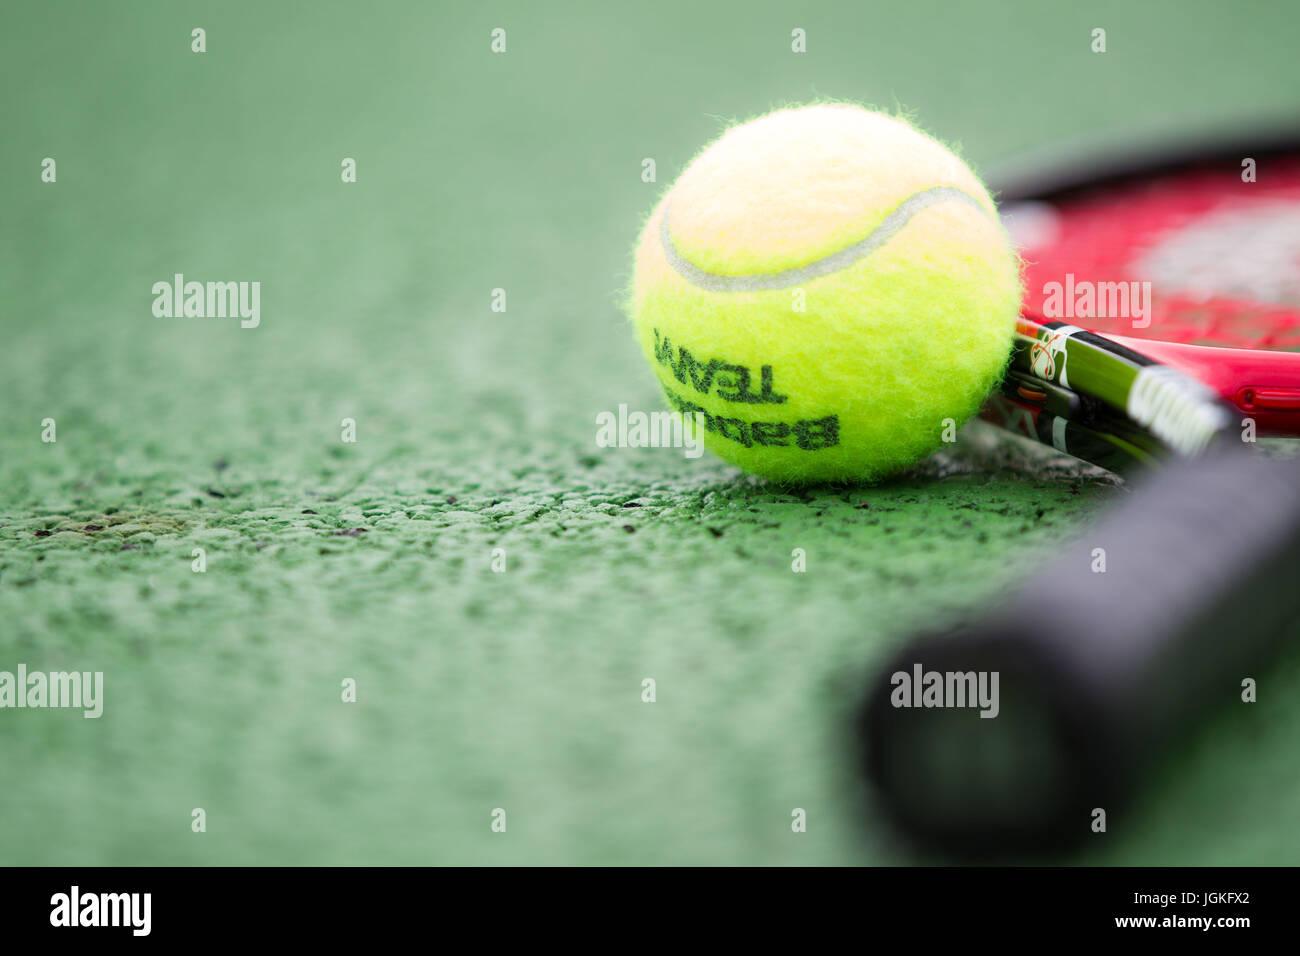 Raqueta de tenis y pelotas. Imagen De Stock